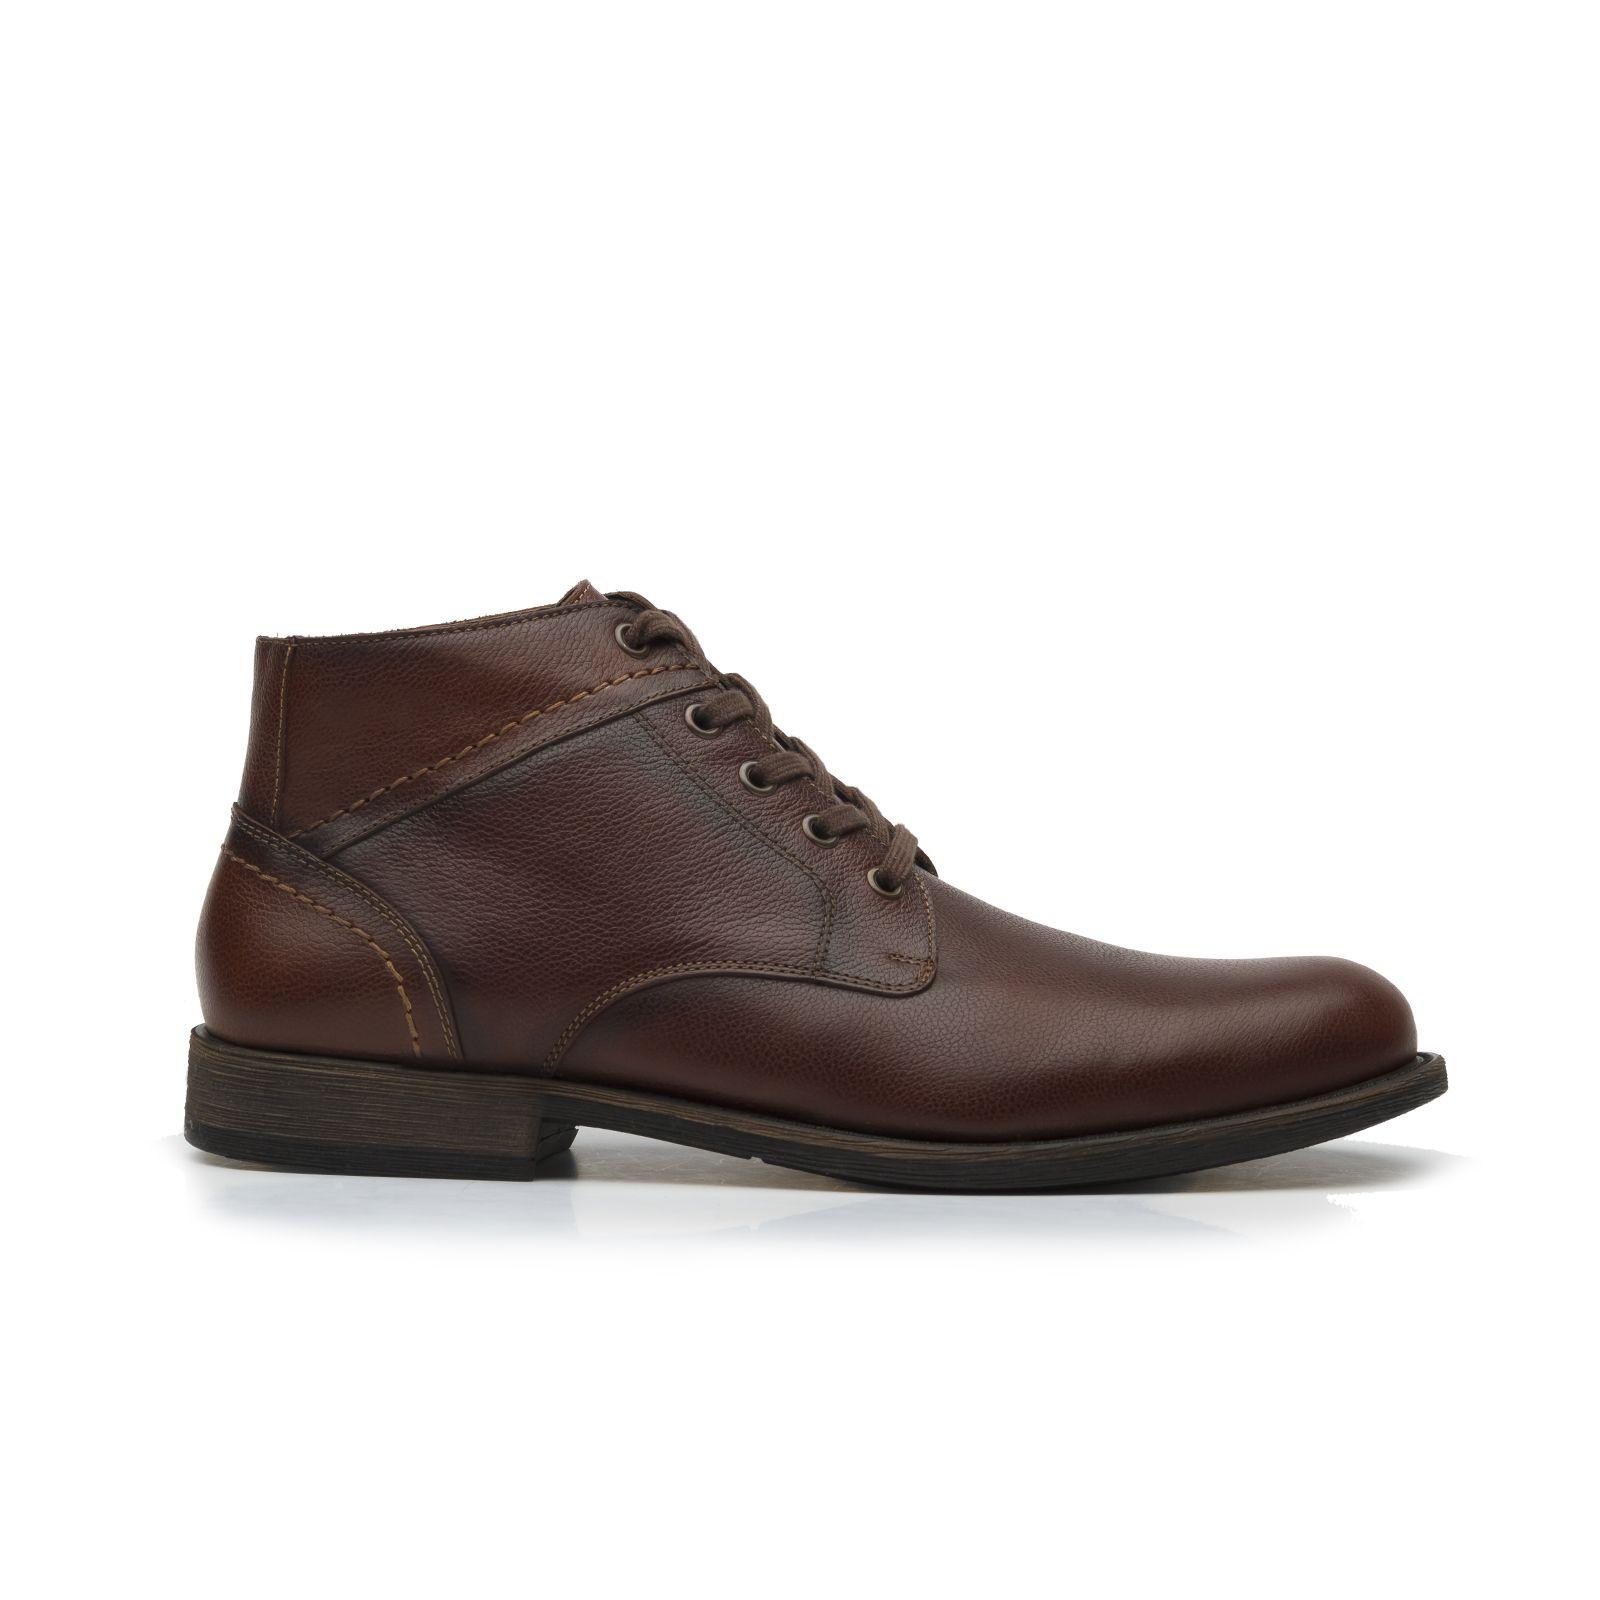 Zapatos de gamuza para hombre elegantes, para bodas estilo informal, talles de 42a 45, color Marrón, talla 41 EU